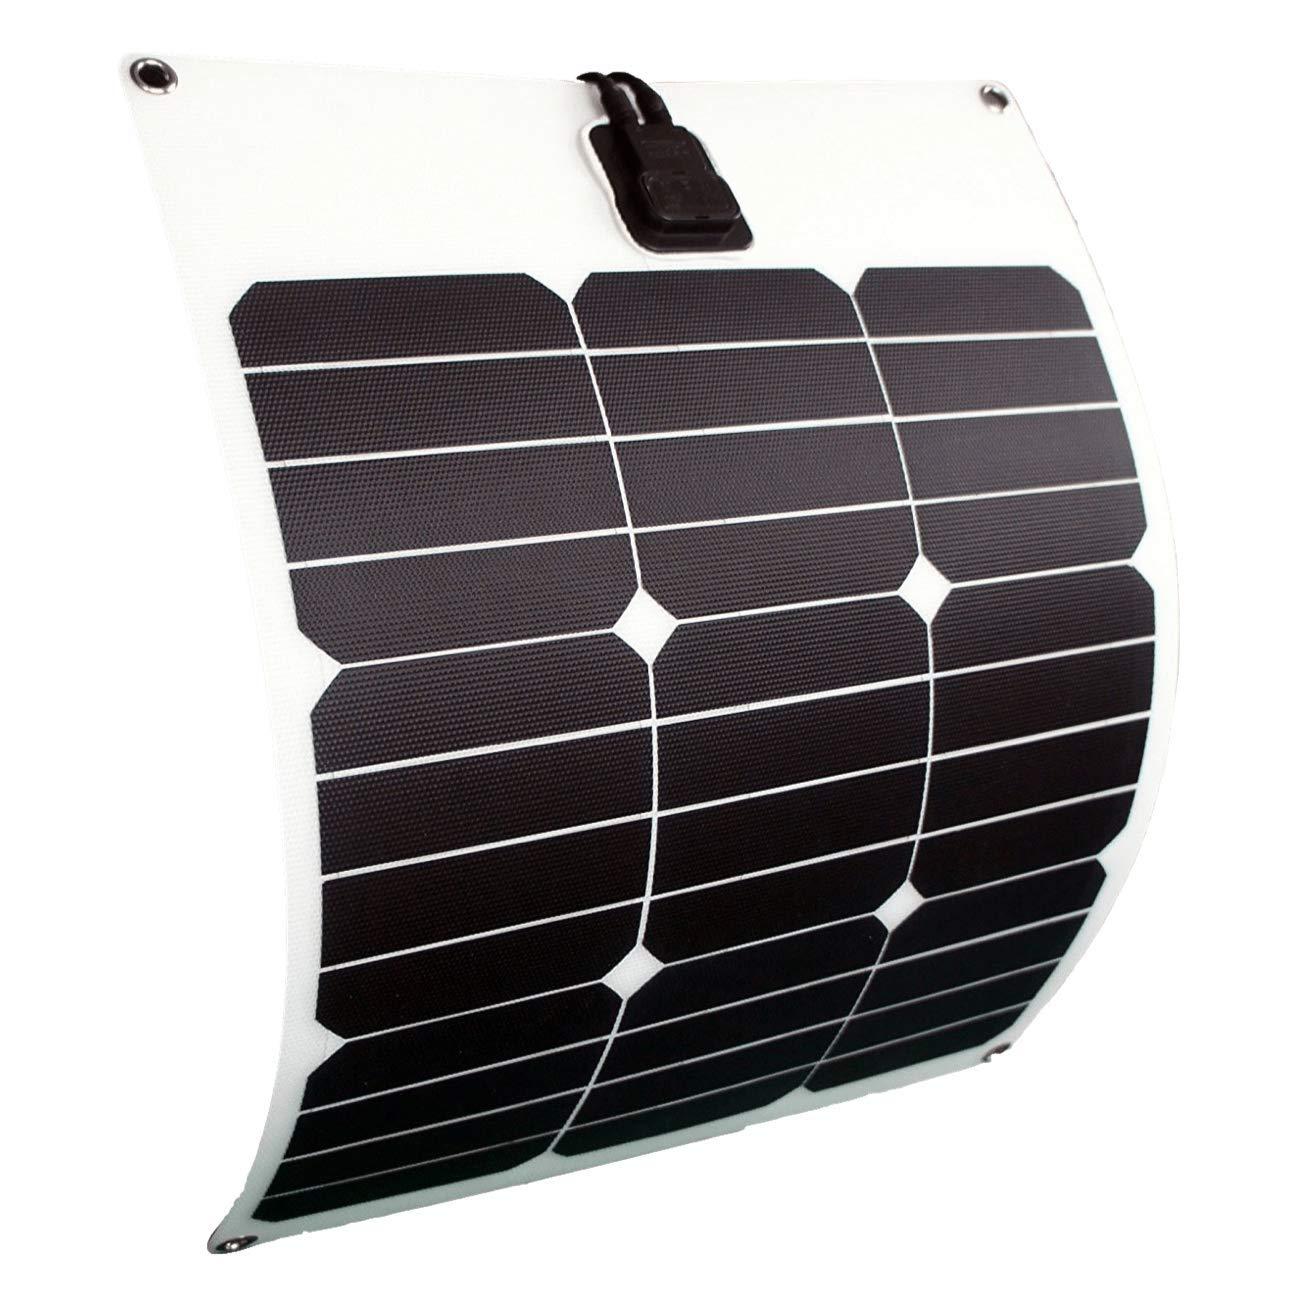 enjoysolar panneau solaire flexible de 30 W et 12 V, idé al pour les bateaux, les caravanes ou les voiliers idéal pour les bateaux SolarV®